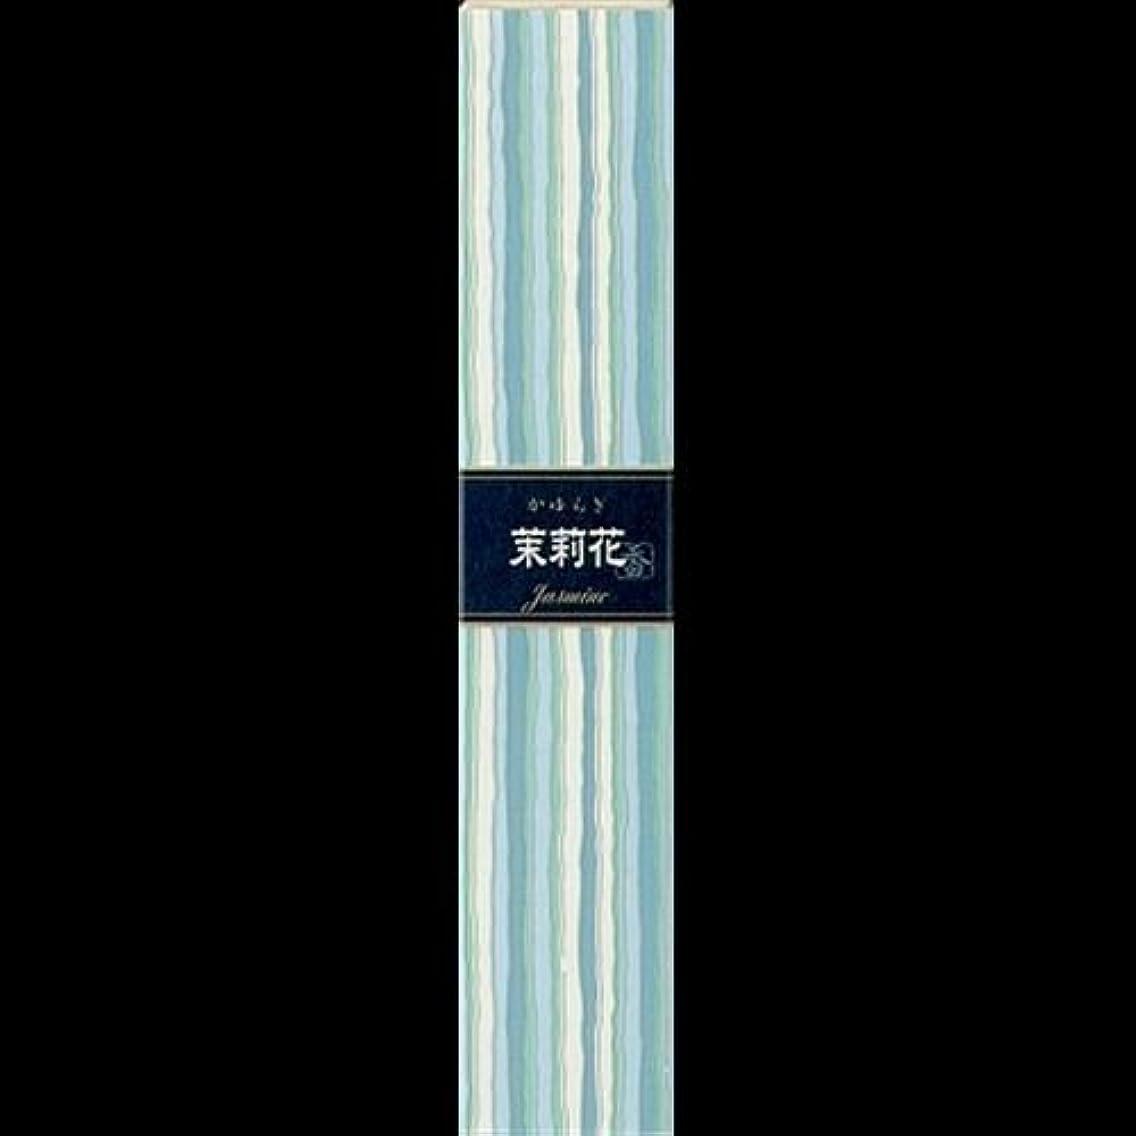 フライト視線郵便屋さん【まとめ買い】かゆらぎ 茉莉花(まつりか) ×2セット